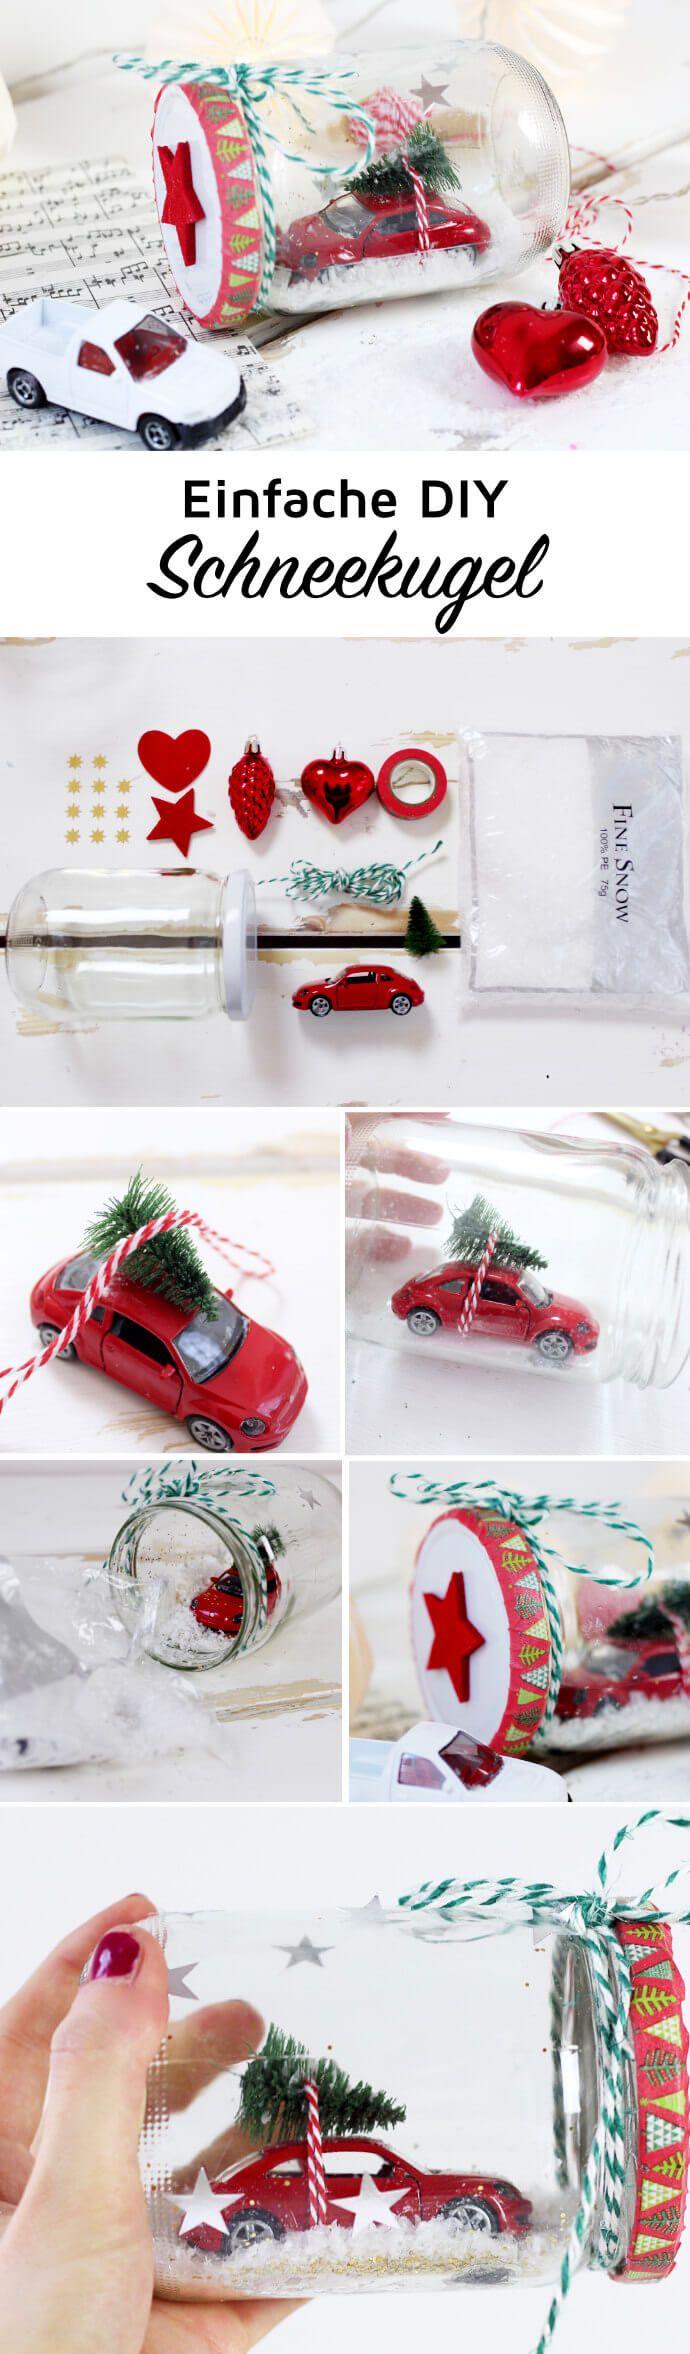 Einfache DIY Schneekugel selber machen. Die selbstgemachte Schneekugel eignet sich super als kleines Weihnachtsgeschenk!